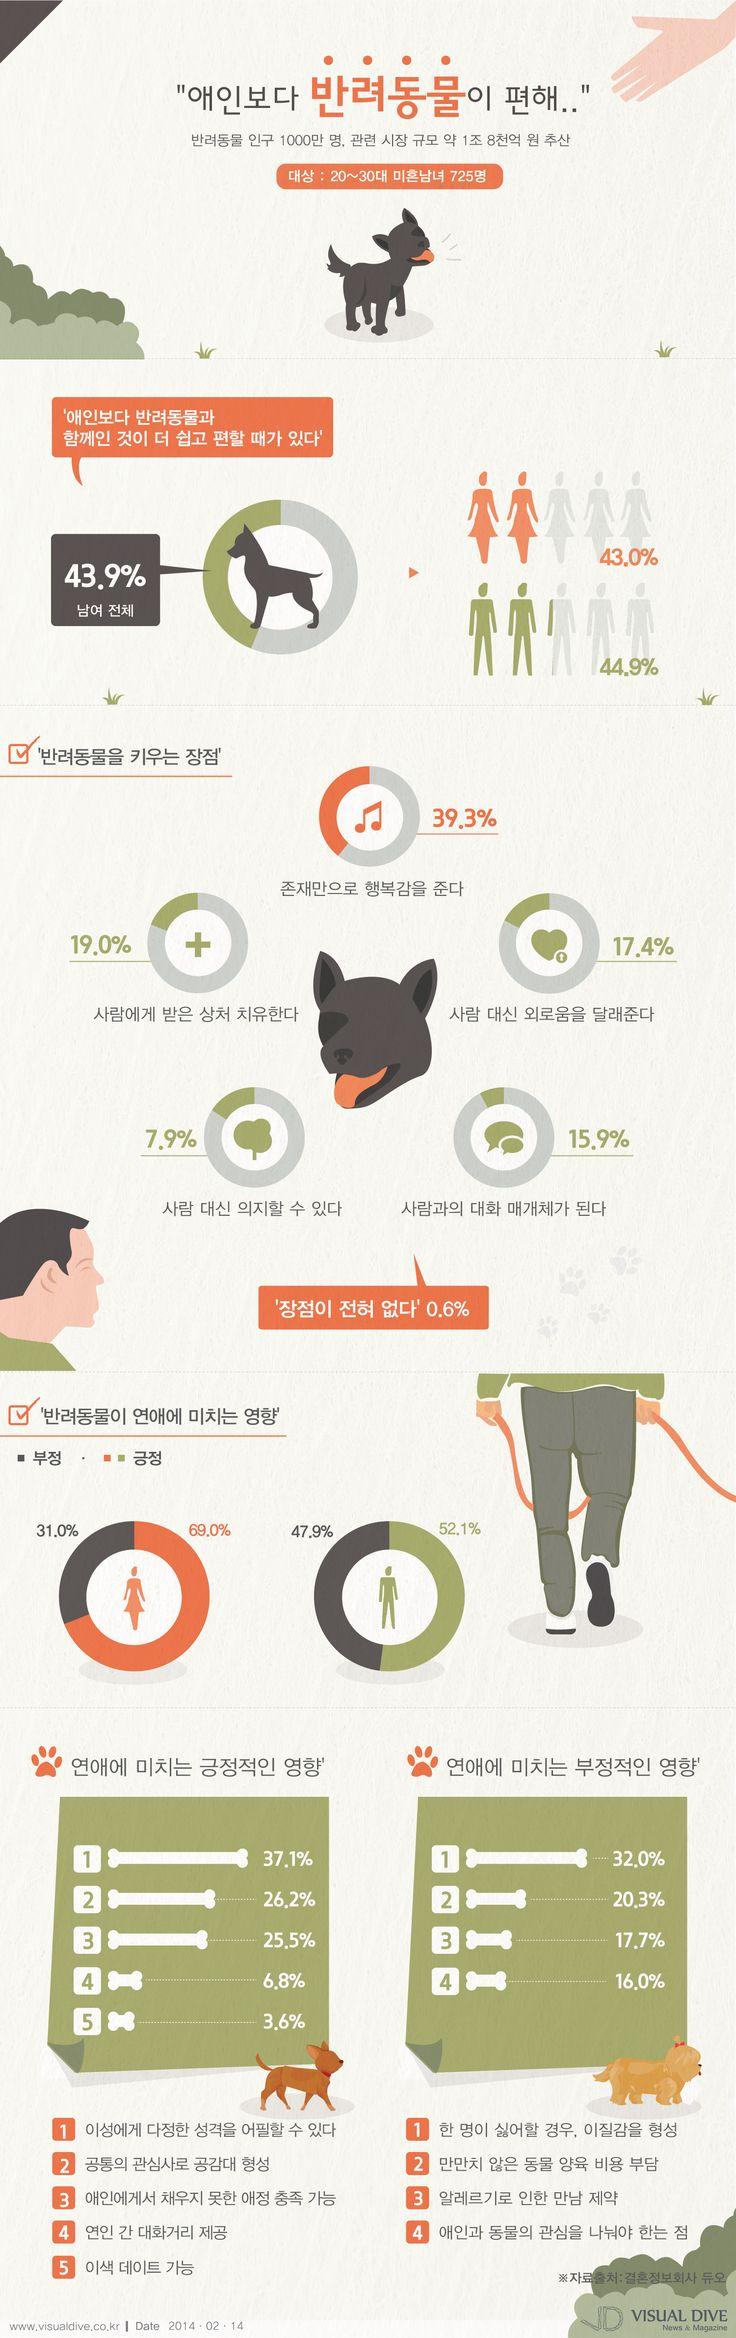 """[인포그래픽] """"애인보다 편한 반려동물"""" 미혼남녀 44% 선택 #pet / #Infographic ⓒ 비주얼다이브 무단 복사·전재·재배포 금지"""